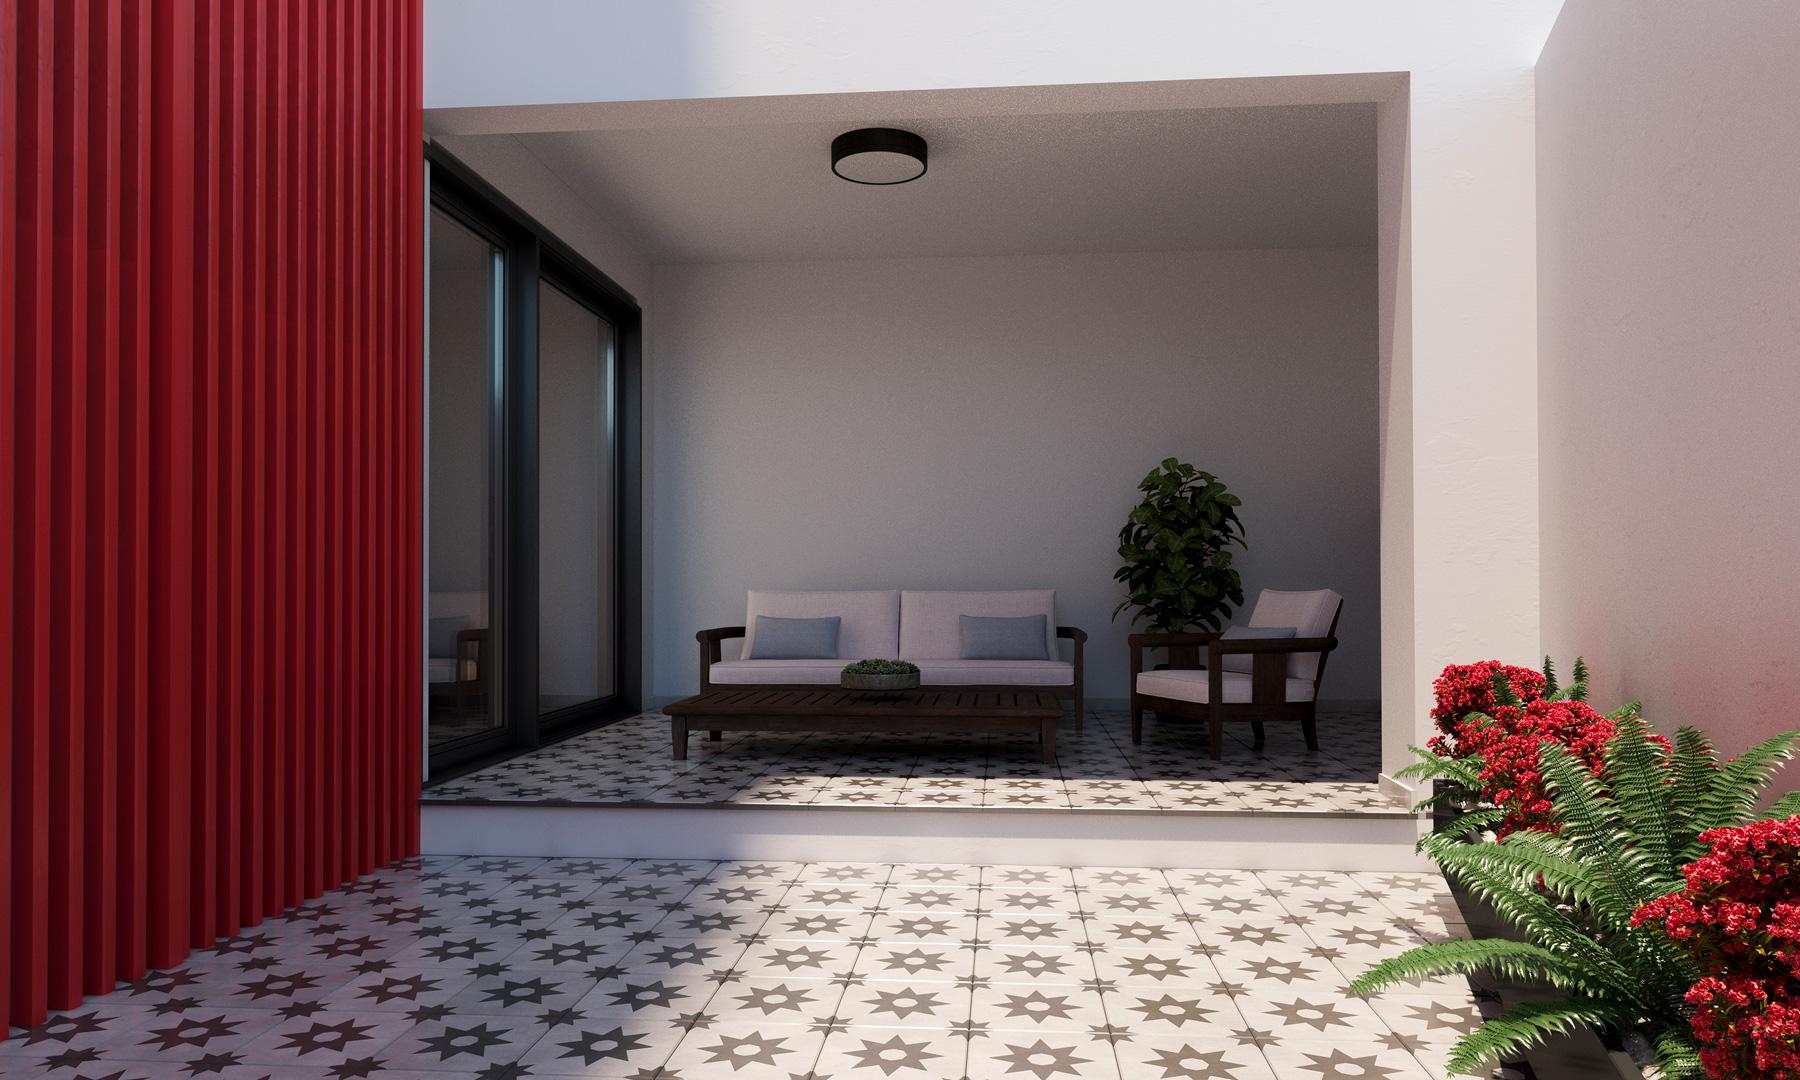 Santo-Domingo-Savio-inmobiliaria-sevilla-3